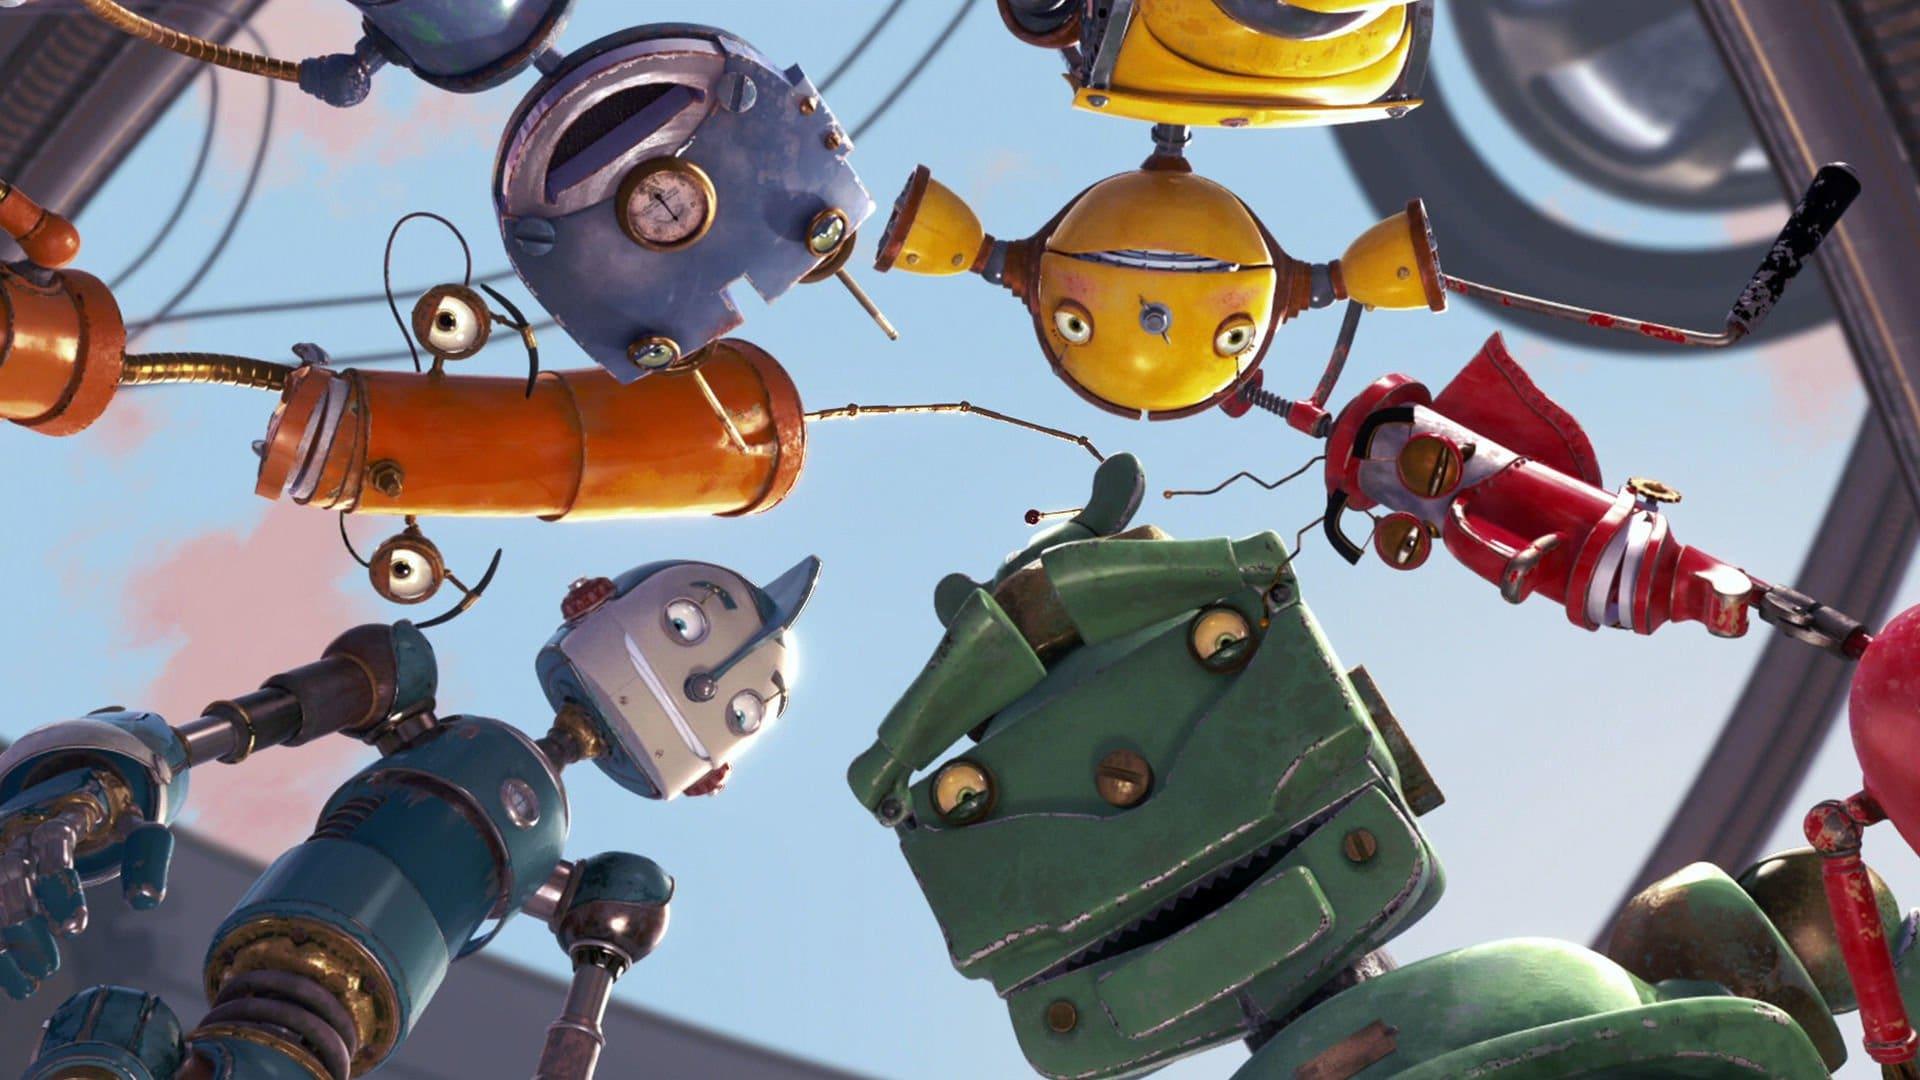 Regarder Robots en streaming gratuit